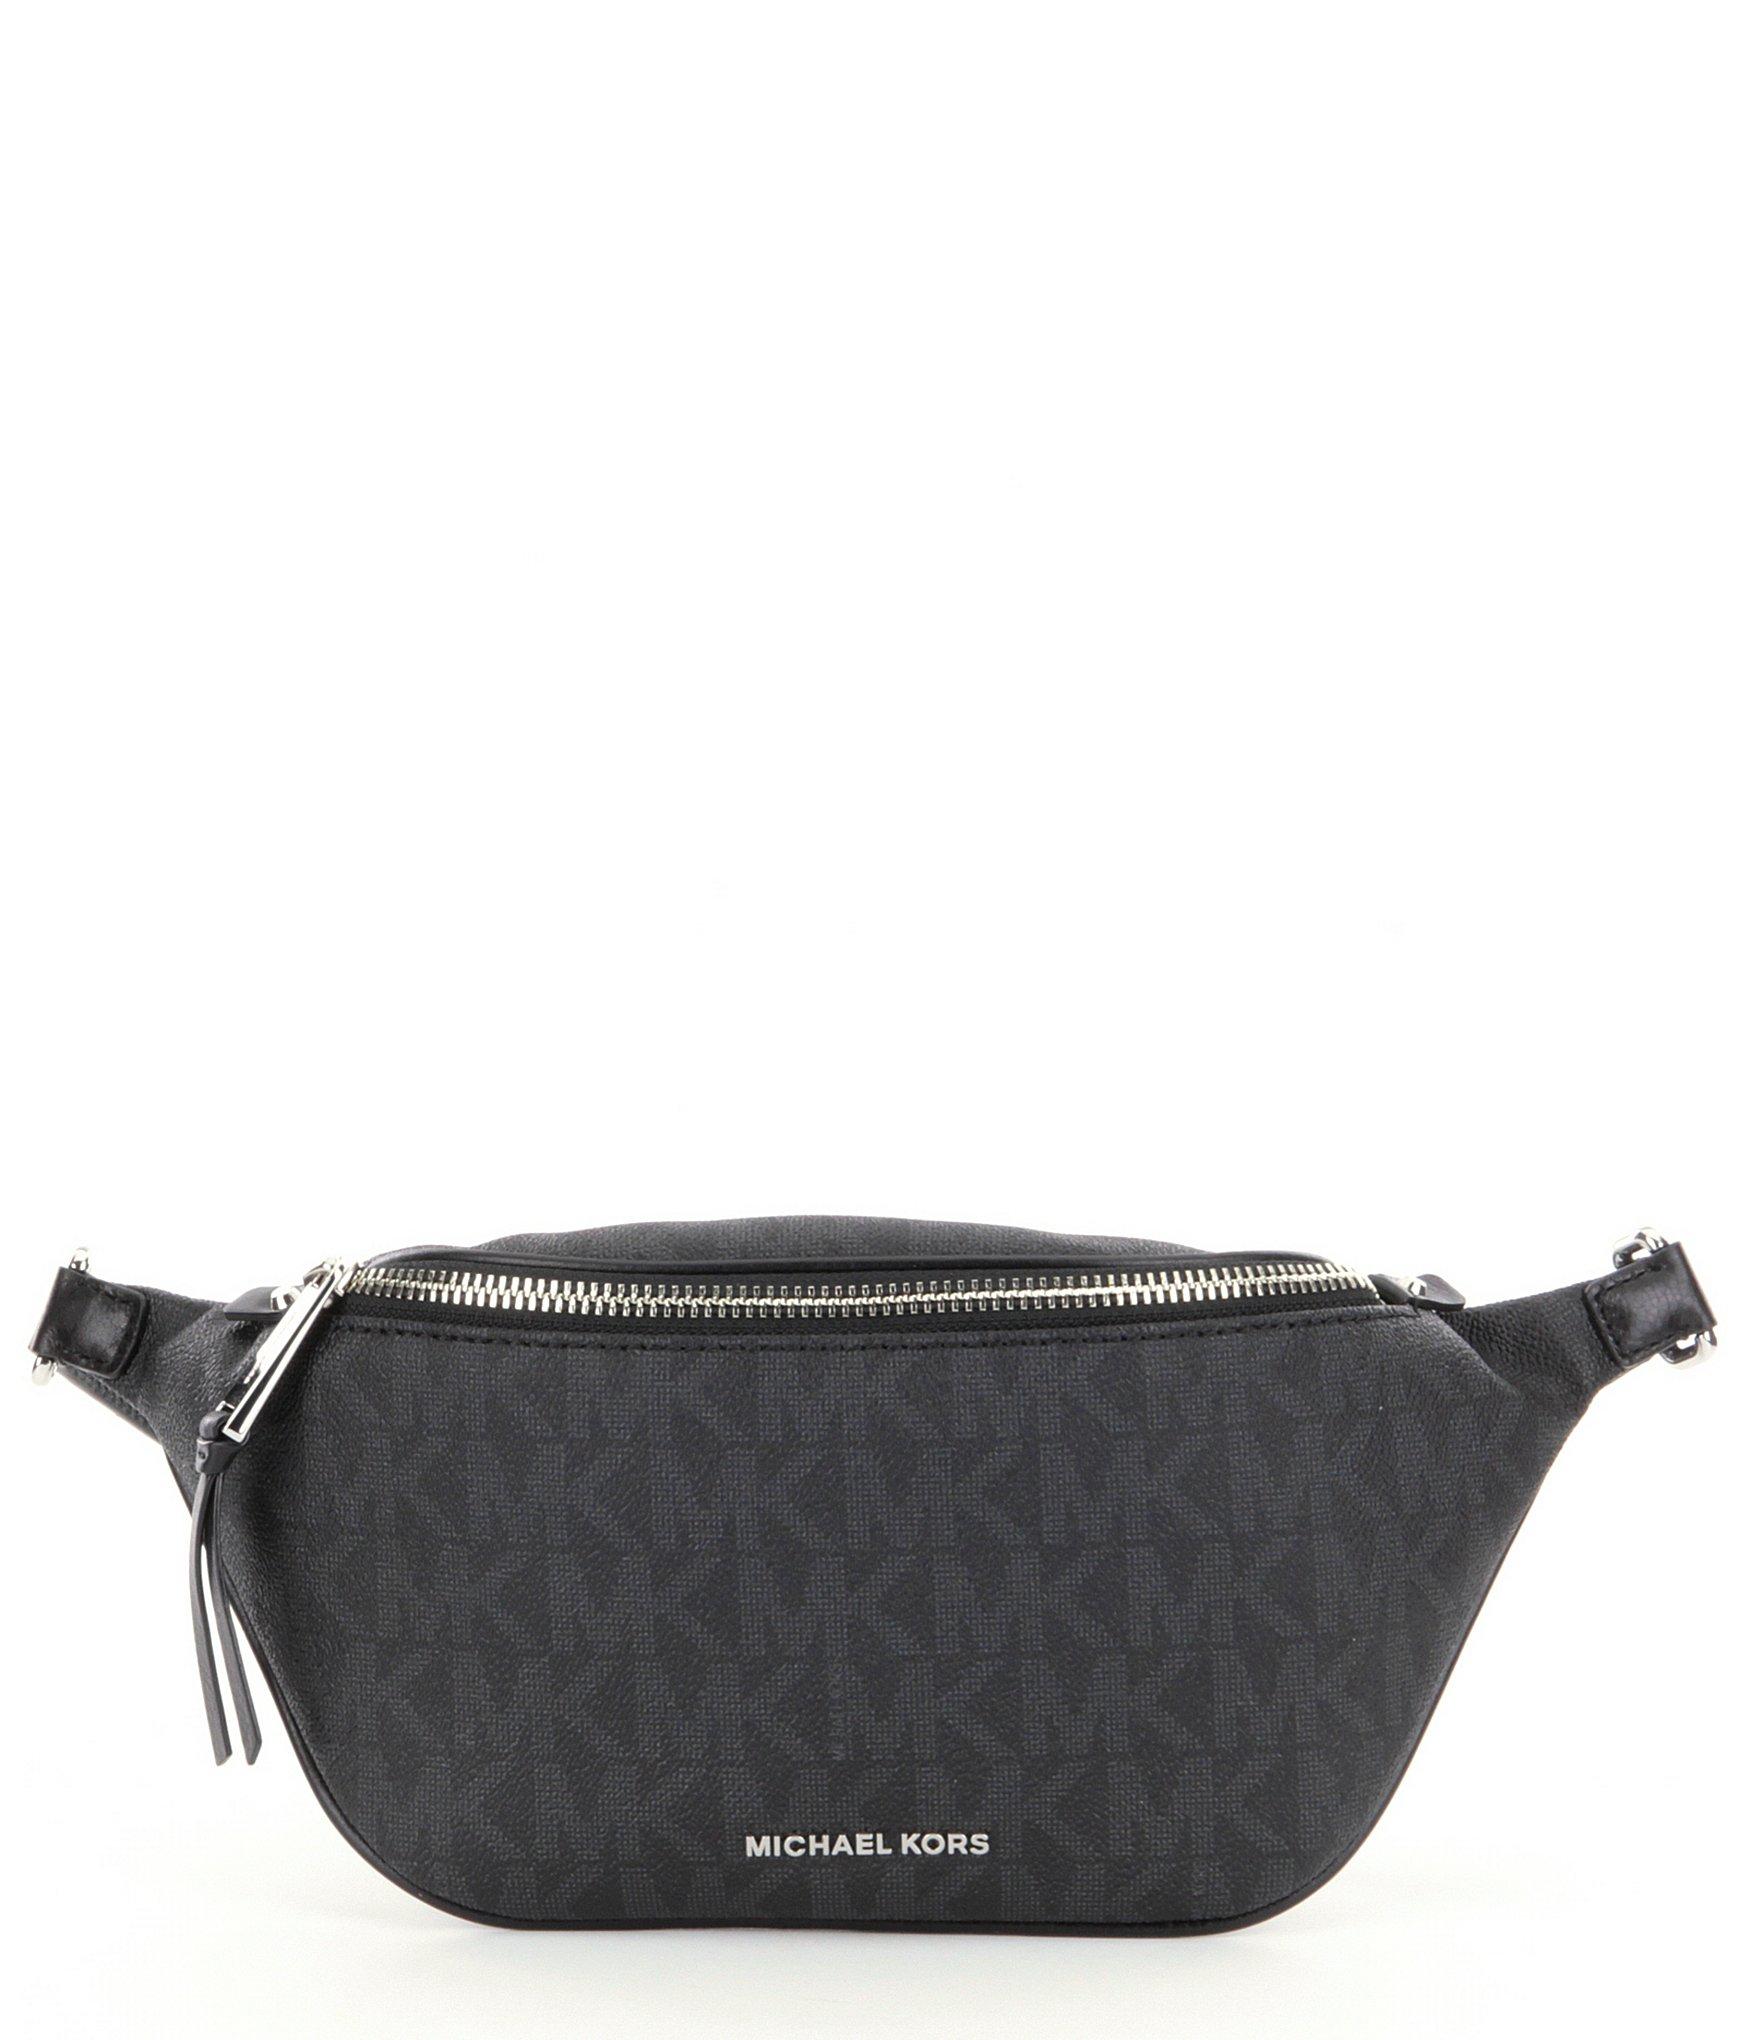 Waist Bags For Men Dillards